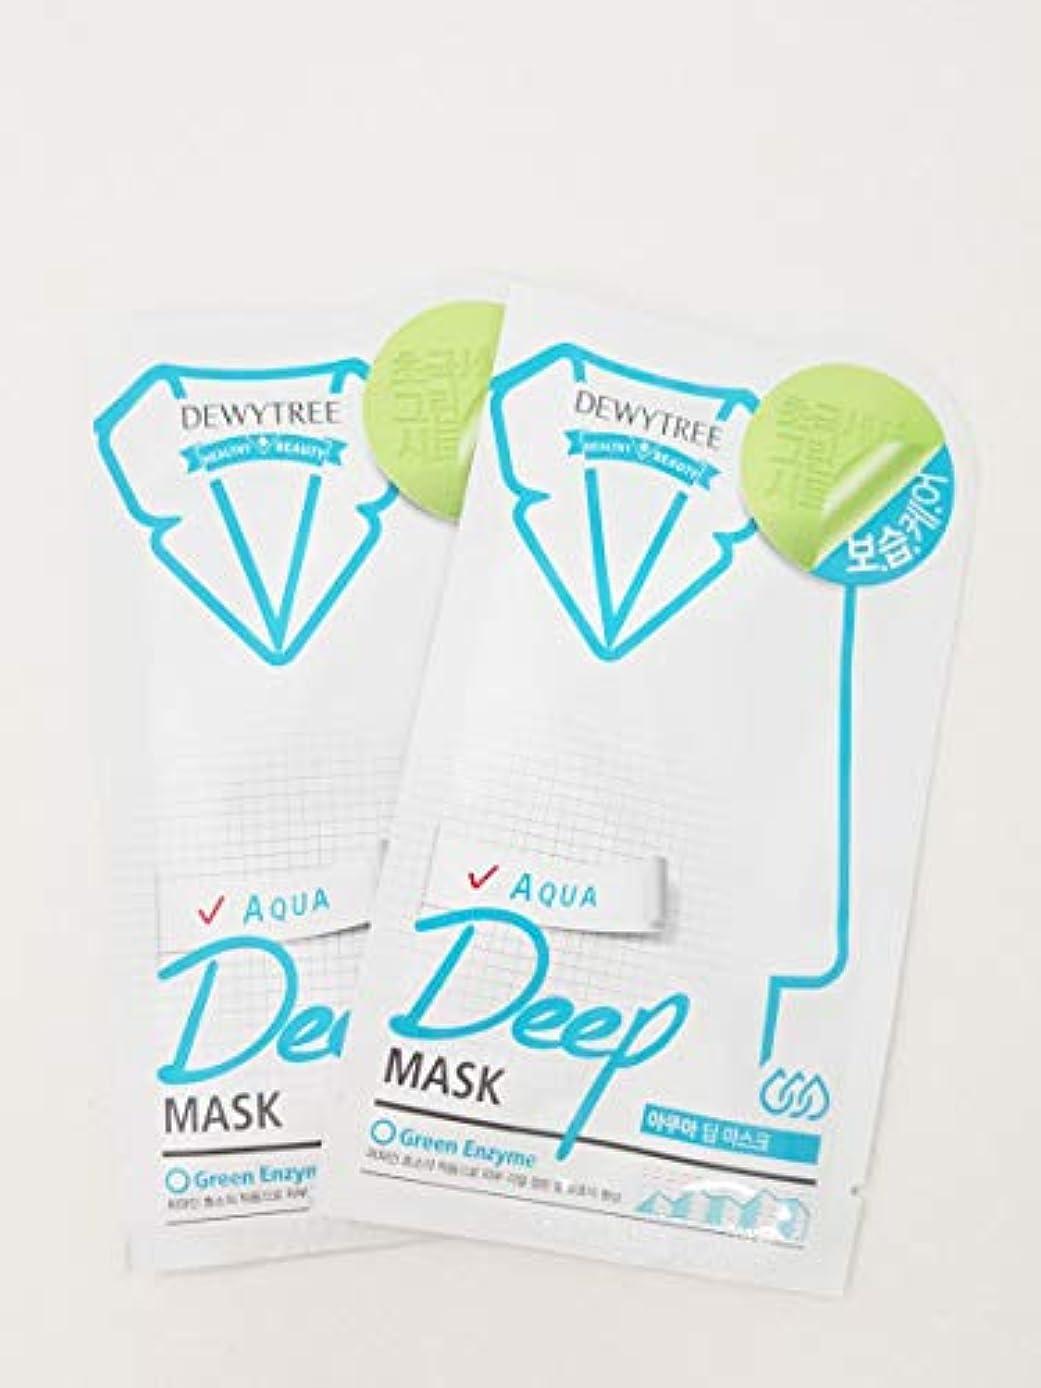 結婚特権的私たちのもの(デューイトゥリー) DEWYTREE アクアディープマスク 20枚 Aqua Deep Mask 韓国マスクパック (並行輸入品)